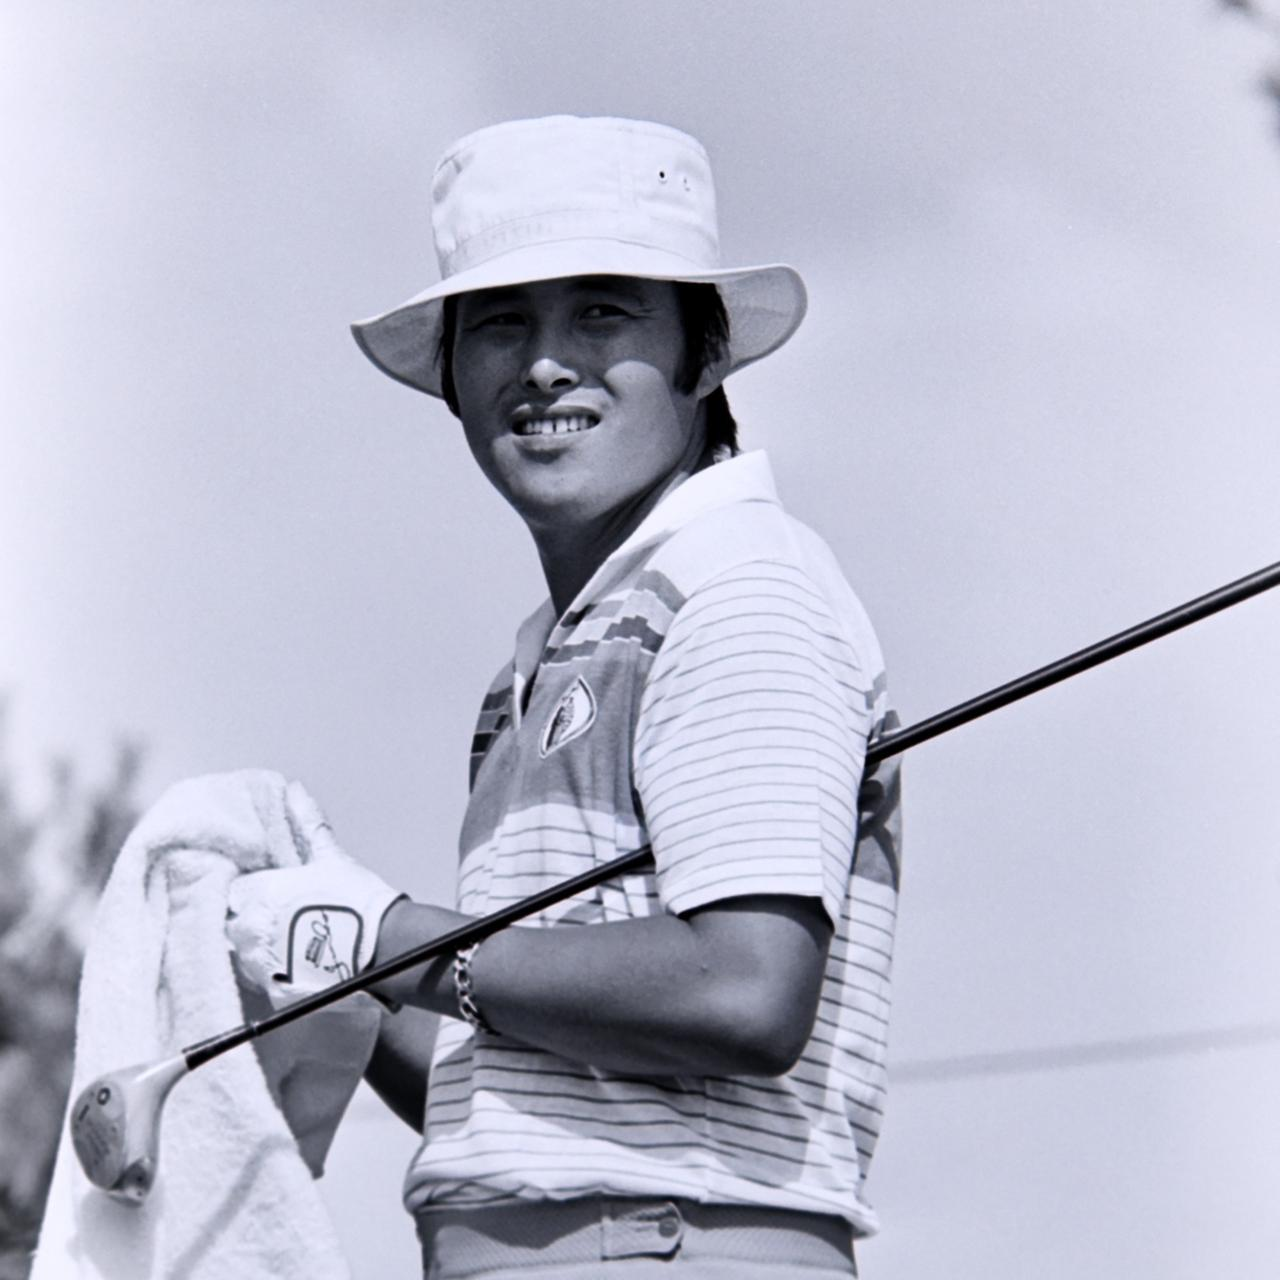 画像: 【伝説の名勝負。ヒーローの足跡】朝霧ジャンボリーゴルフクラブ。ジャンボ尾崎が優勝を決めた「黄金のパット」。1977年関東オープン - ゴルフへ行こうWEB by ゴルフダイジェスト